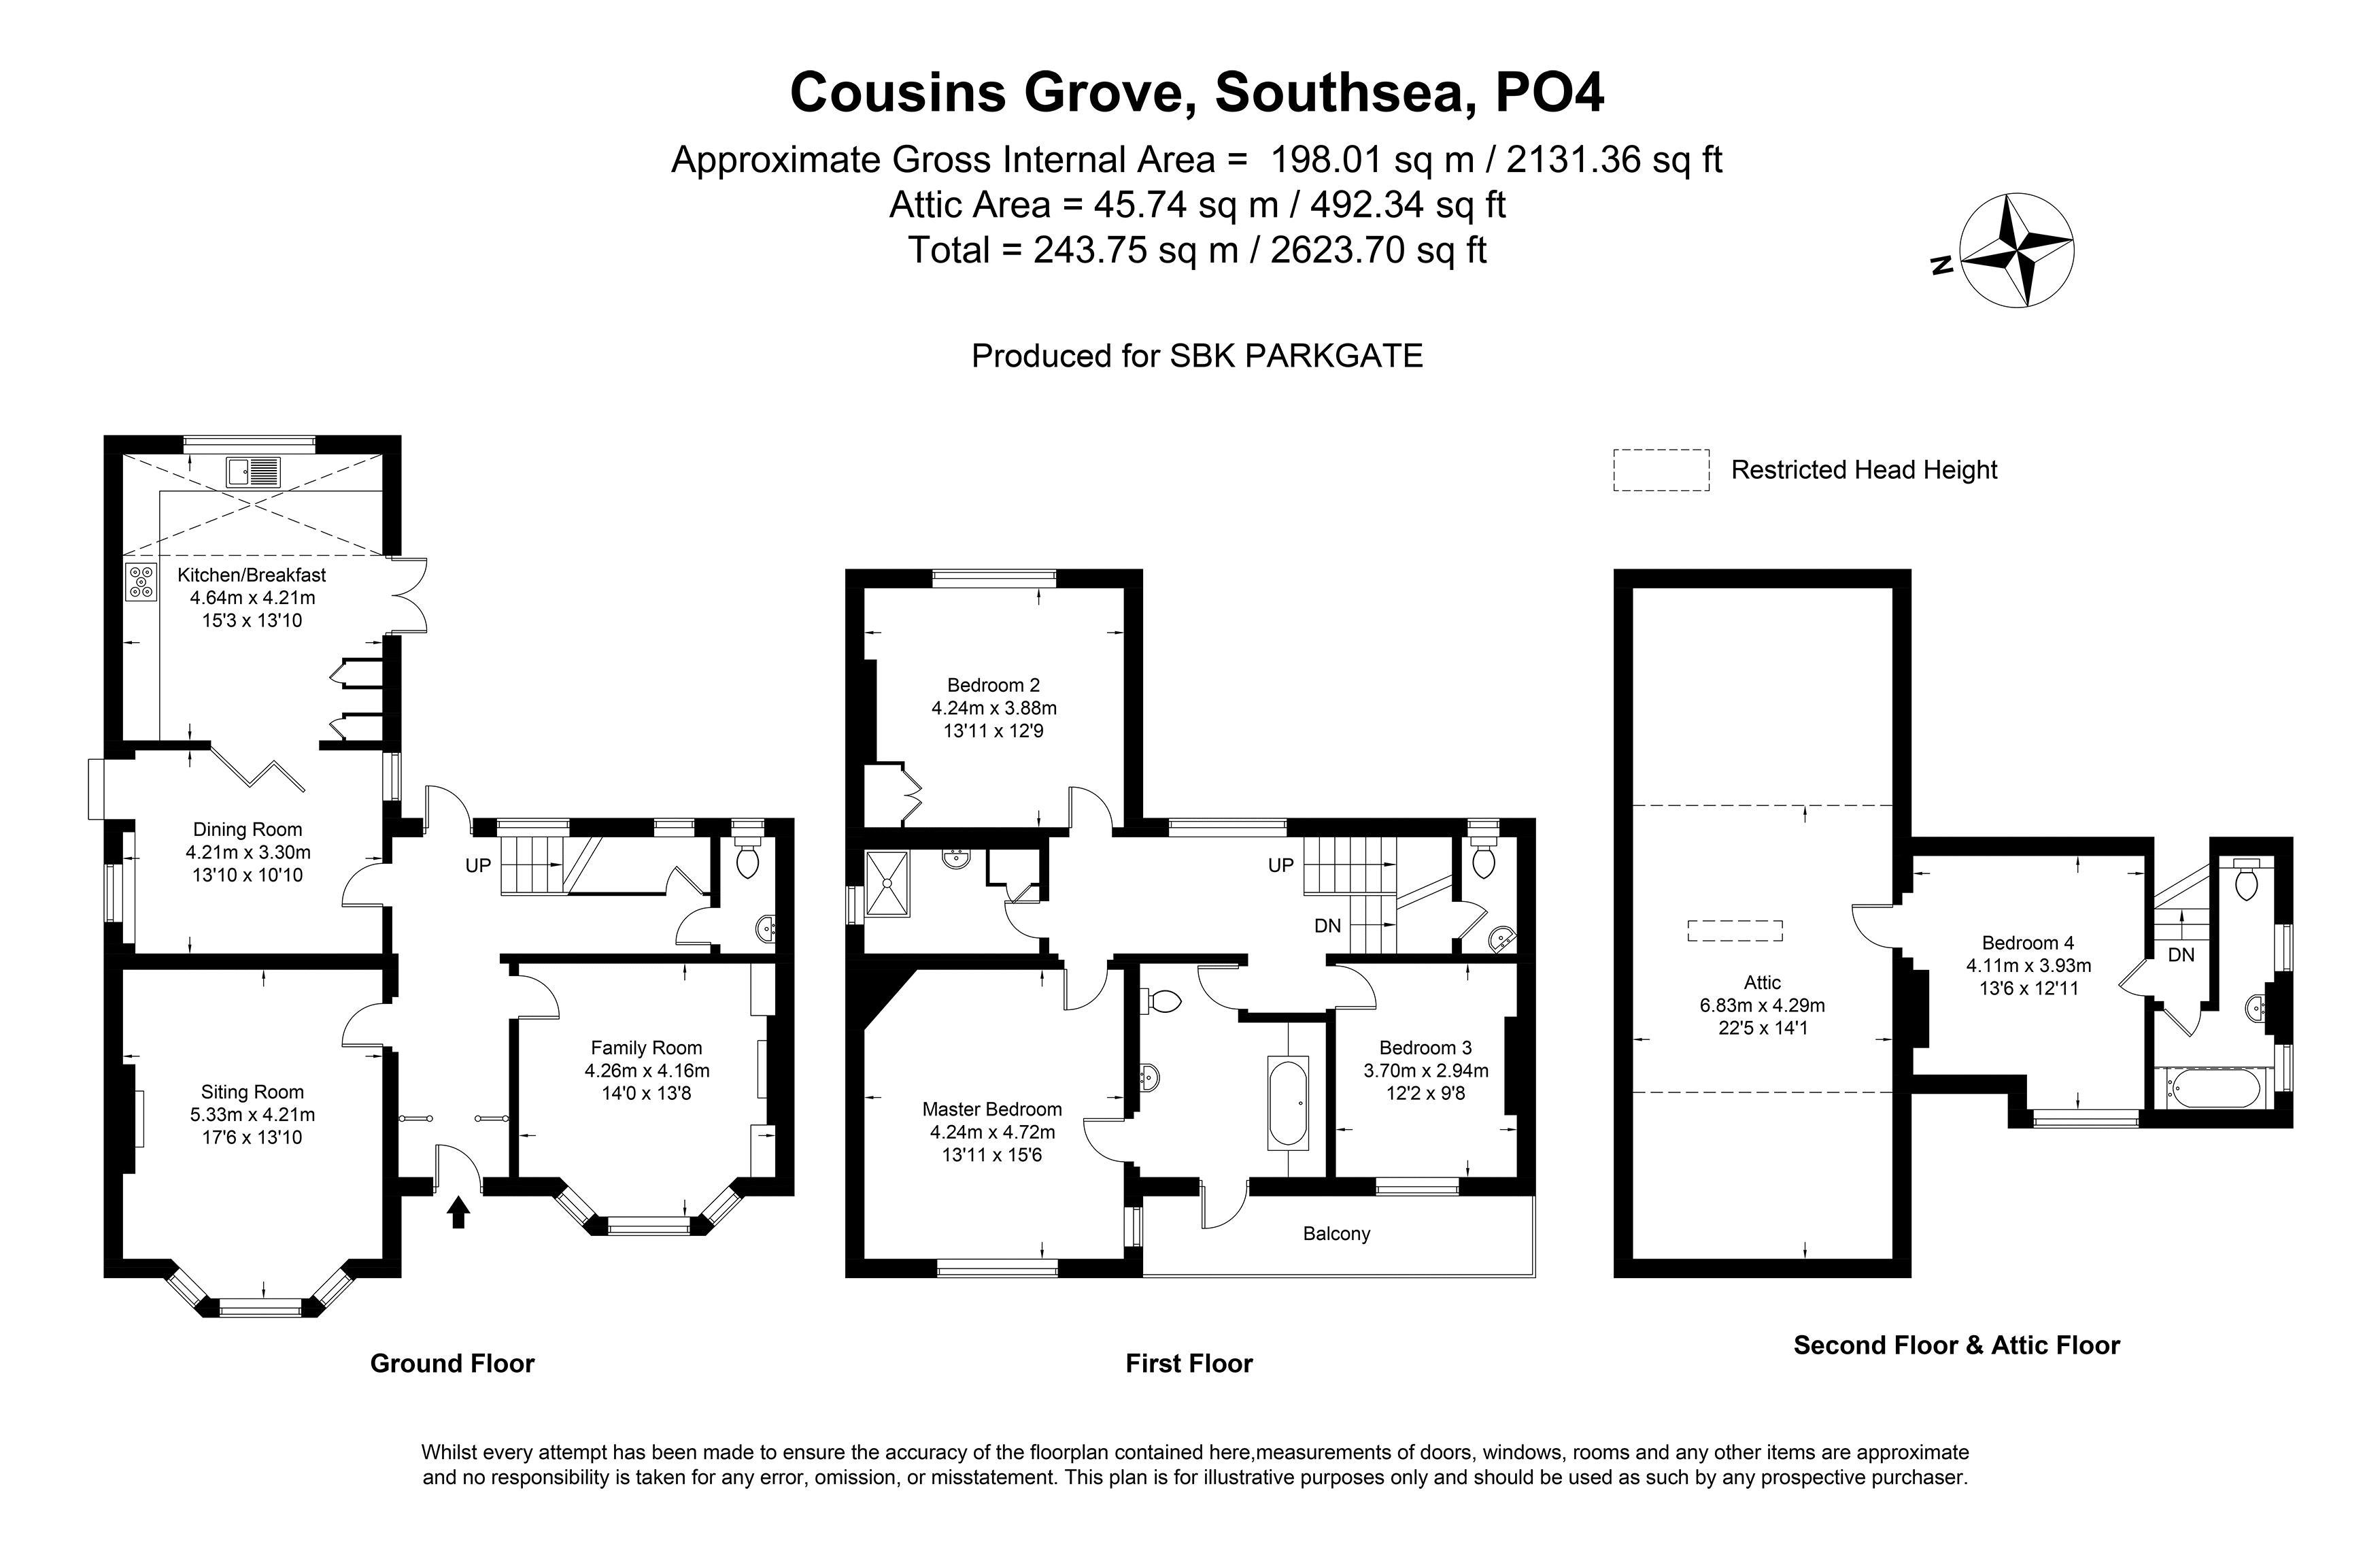 Cousins Grove Southsea